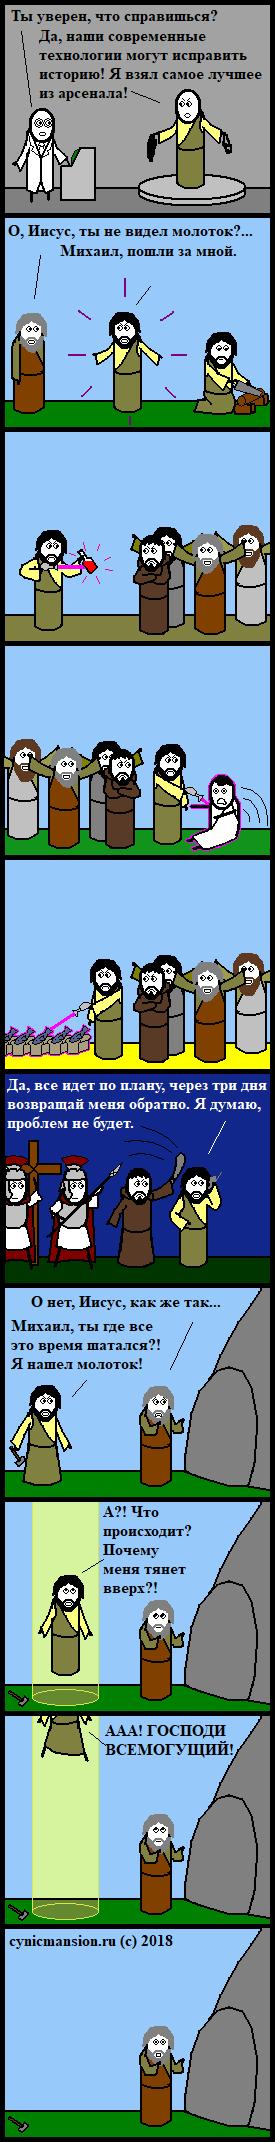 Иисусное Cynicmansion, Комиксы, Иисус Христос, Машина времени, Религия, Длиннопост